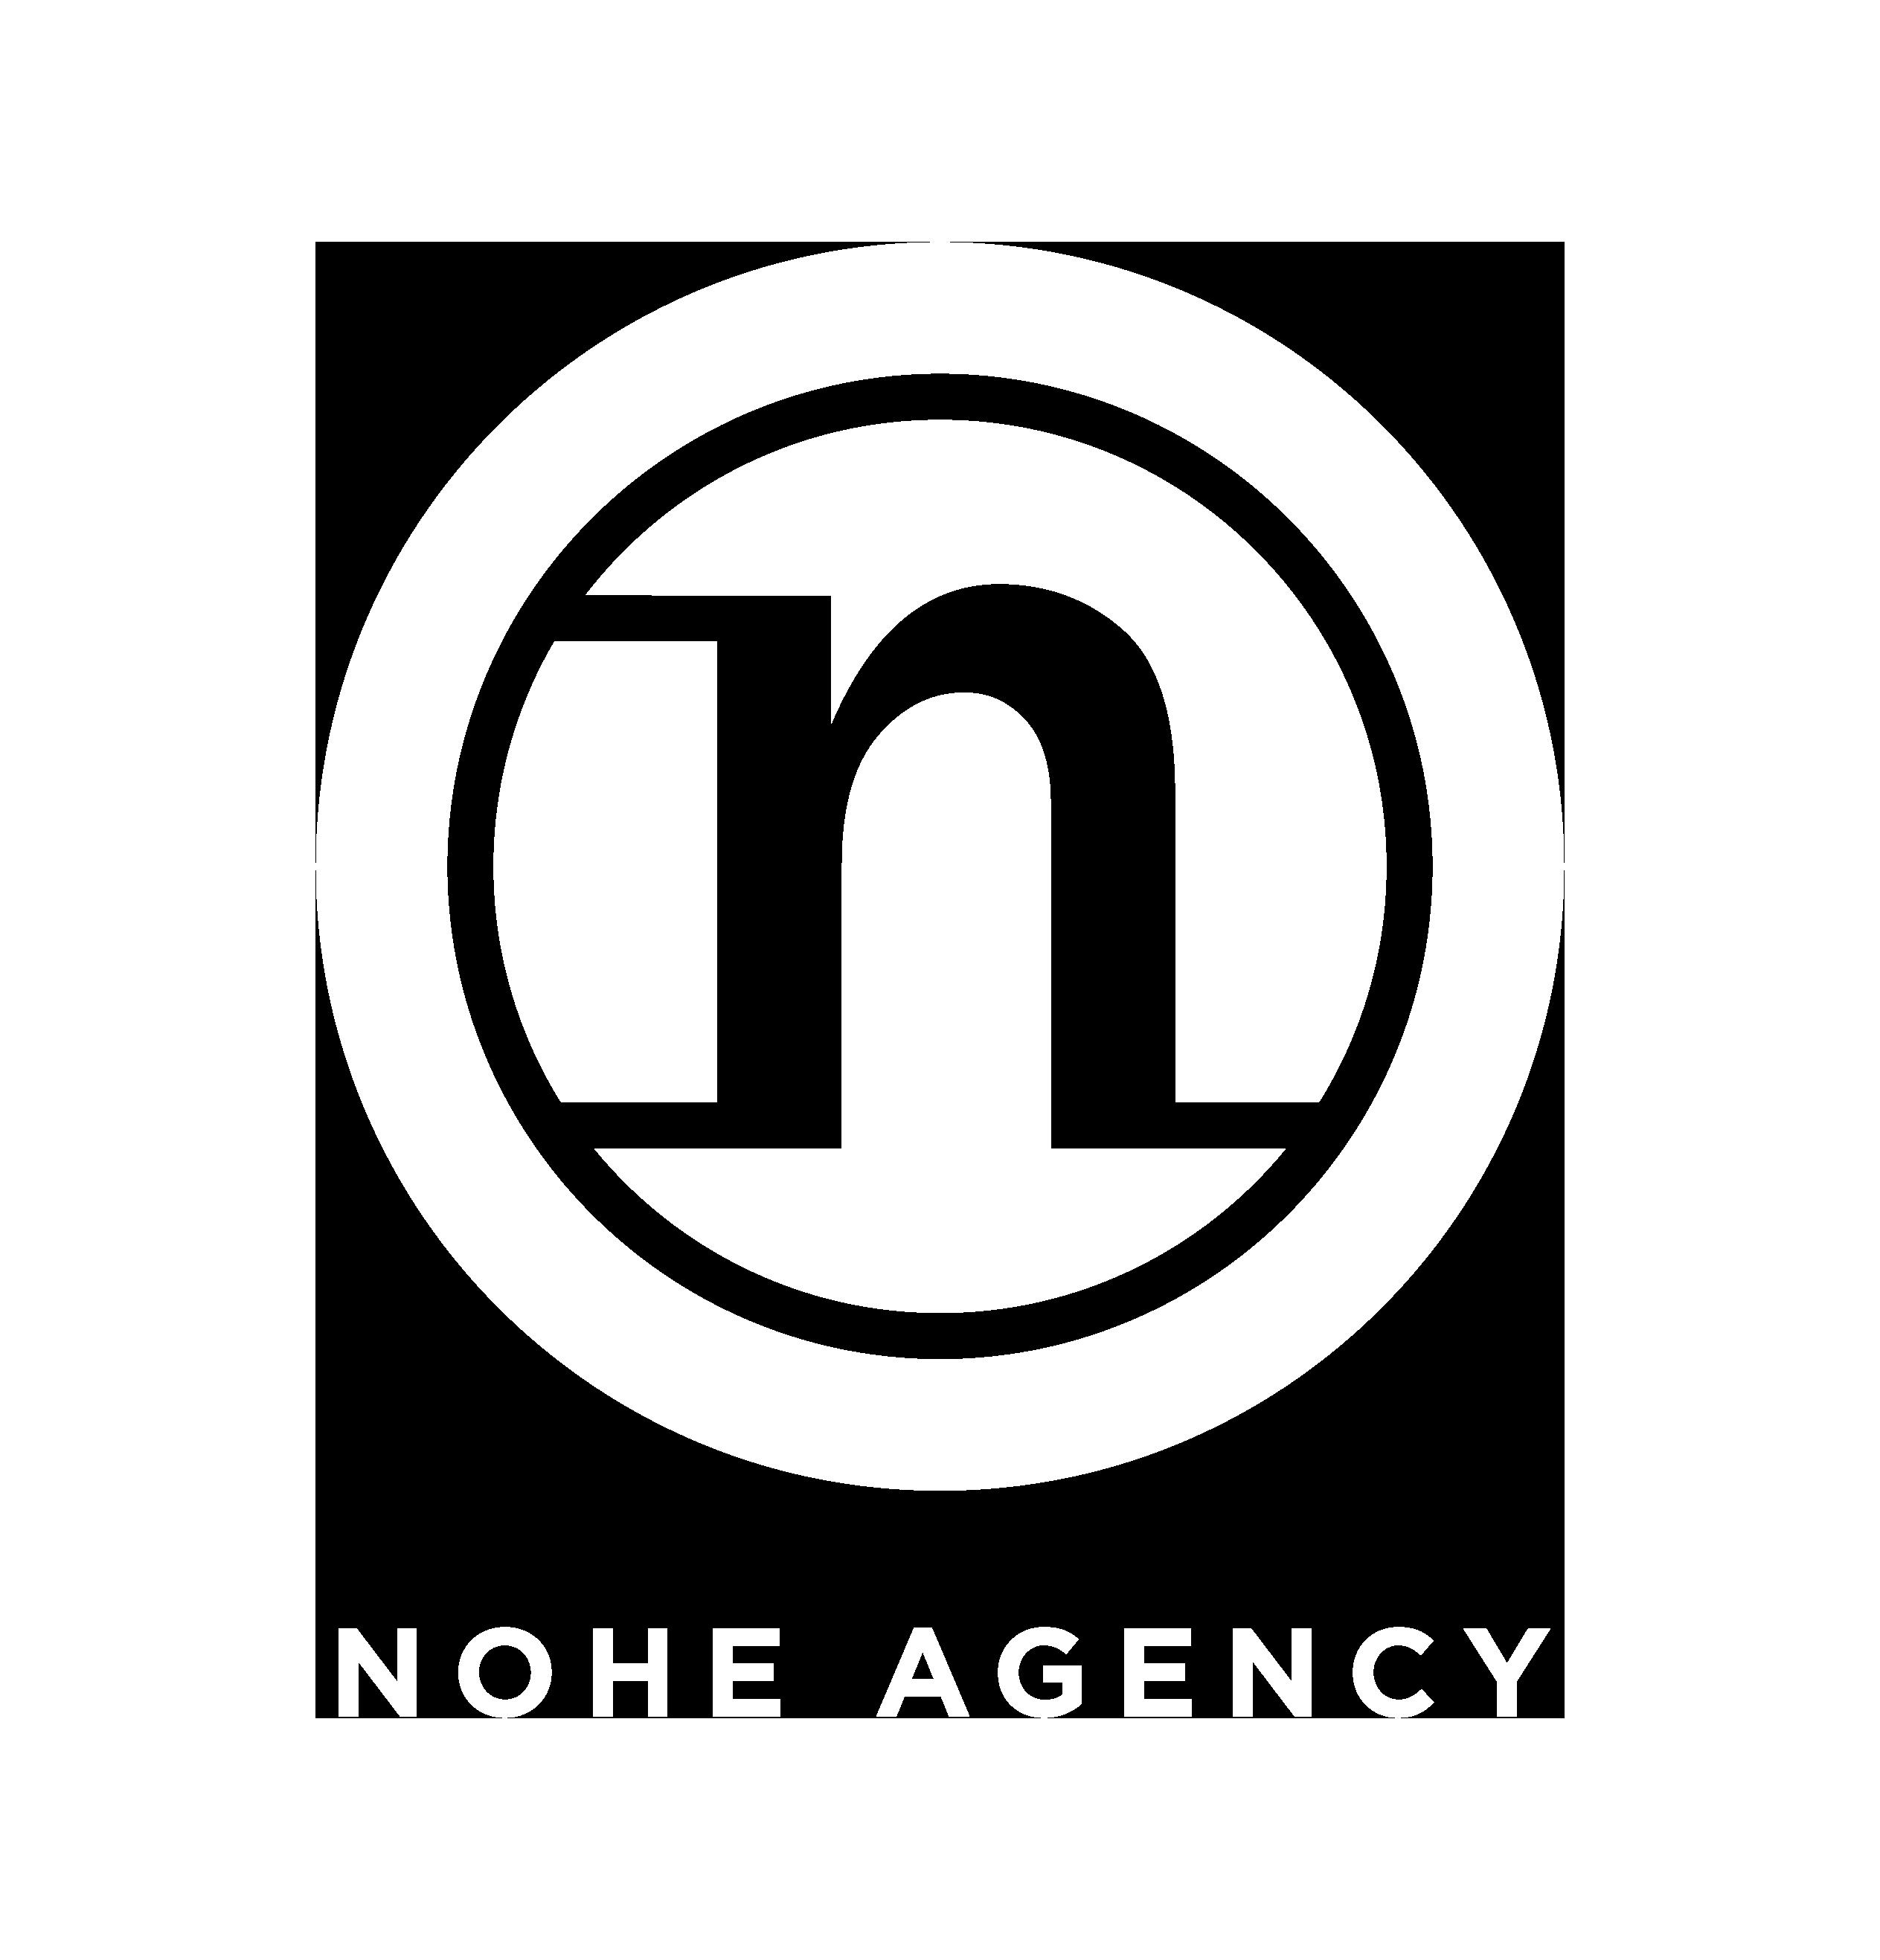 Nohe Agency